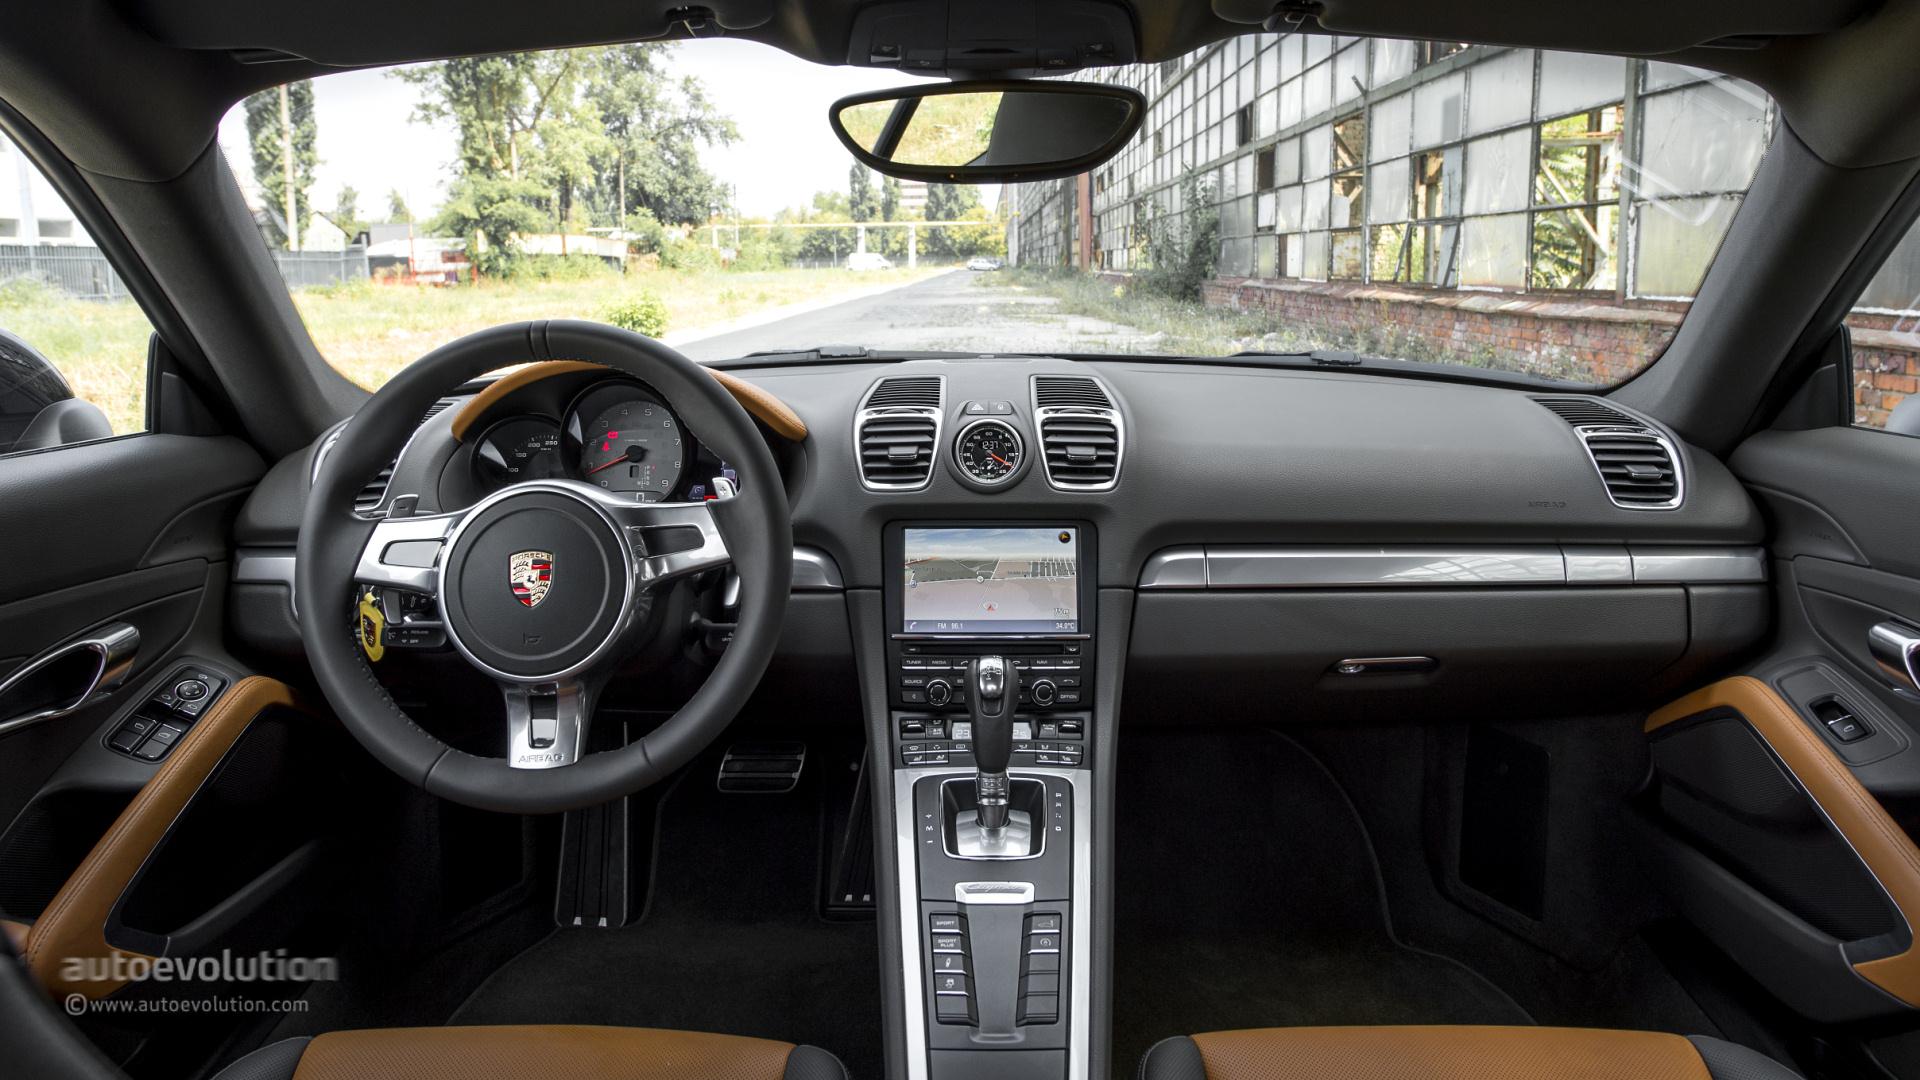 2014 Porsche Cayman Original Pictures Autoevolution